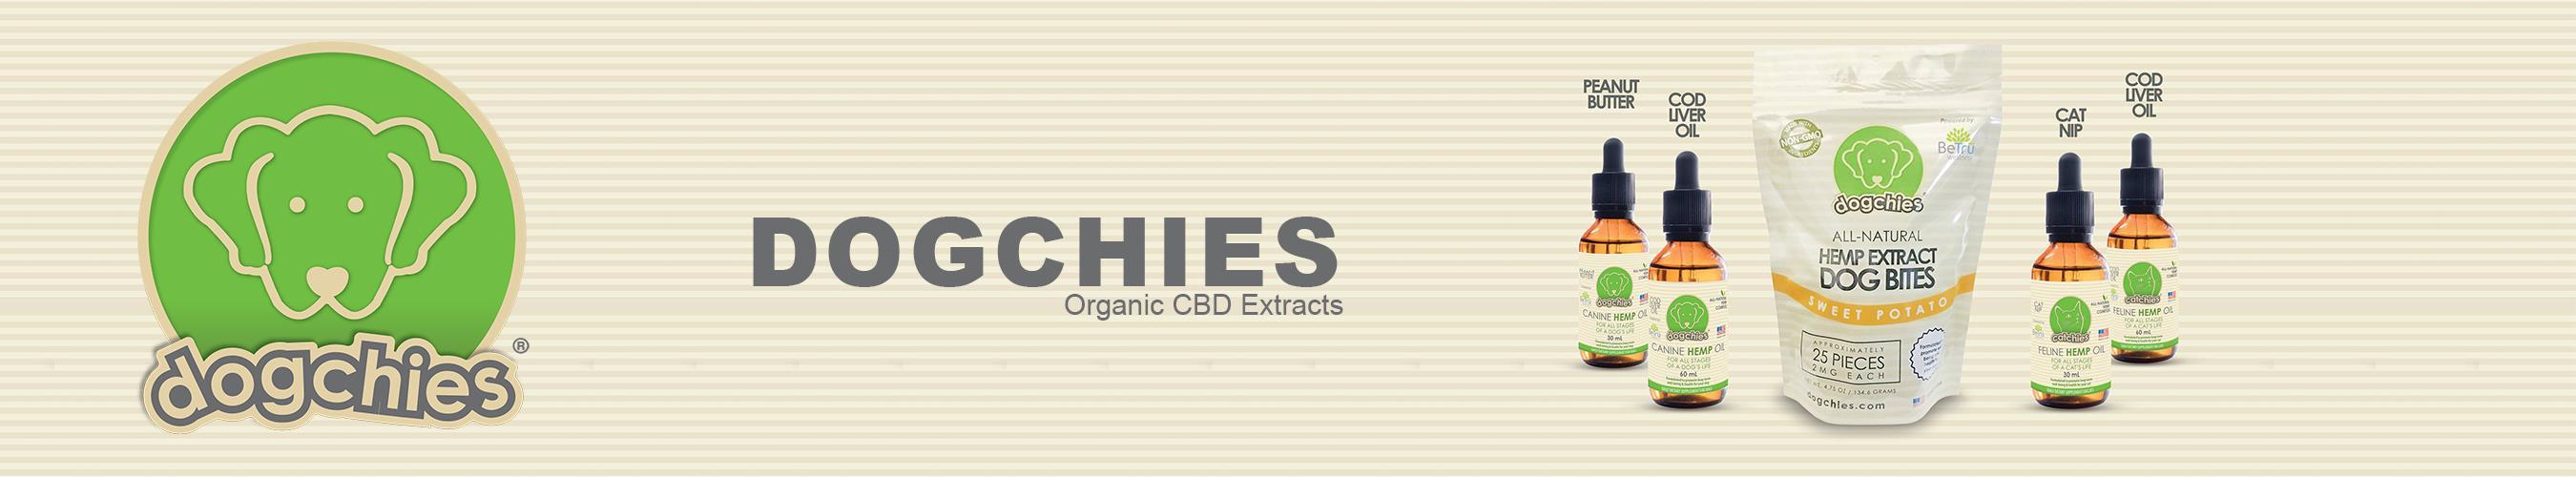 Dogchies CBD